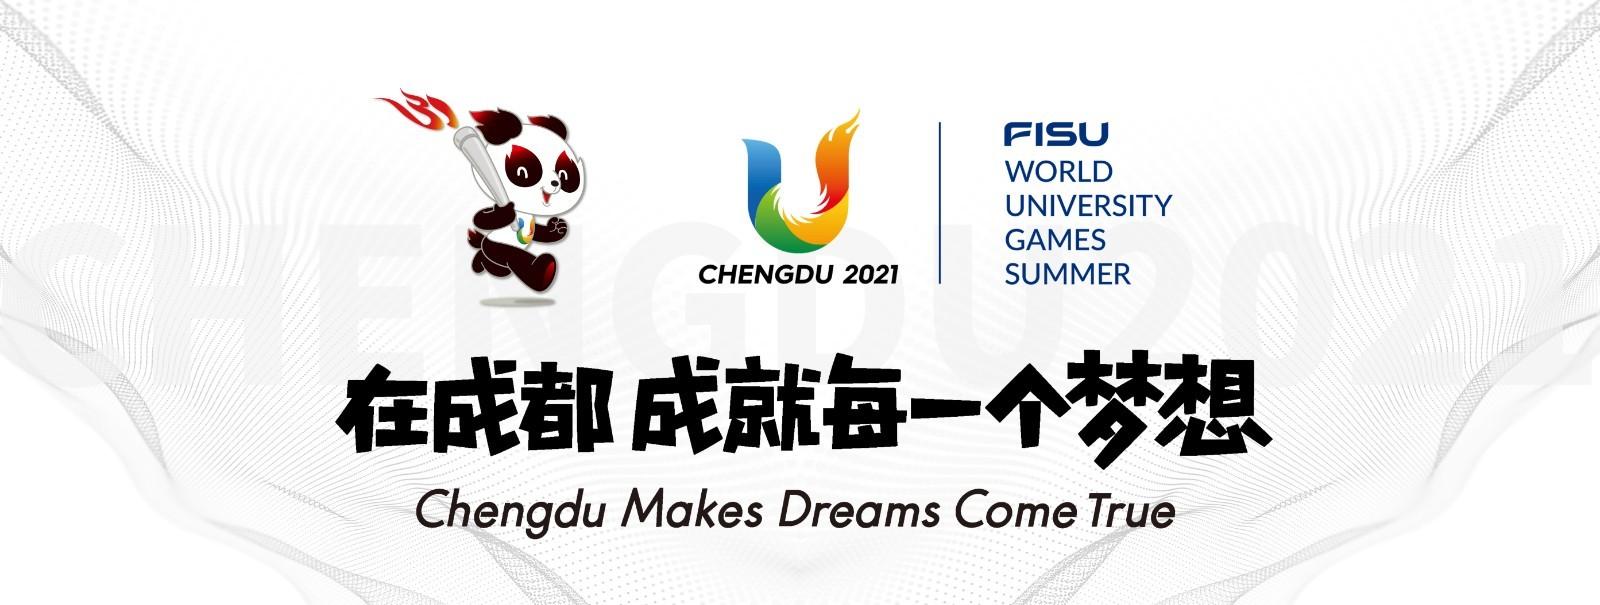 成都大运会将于2021年8月16日至27日举行